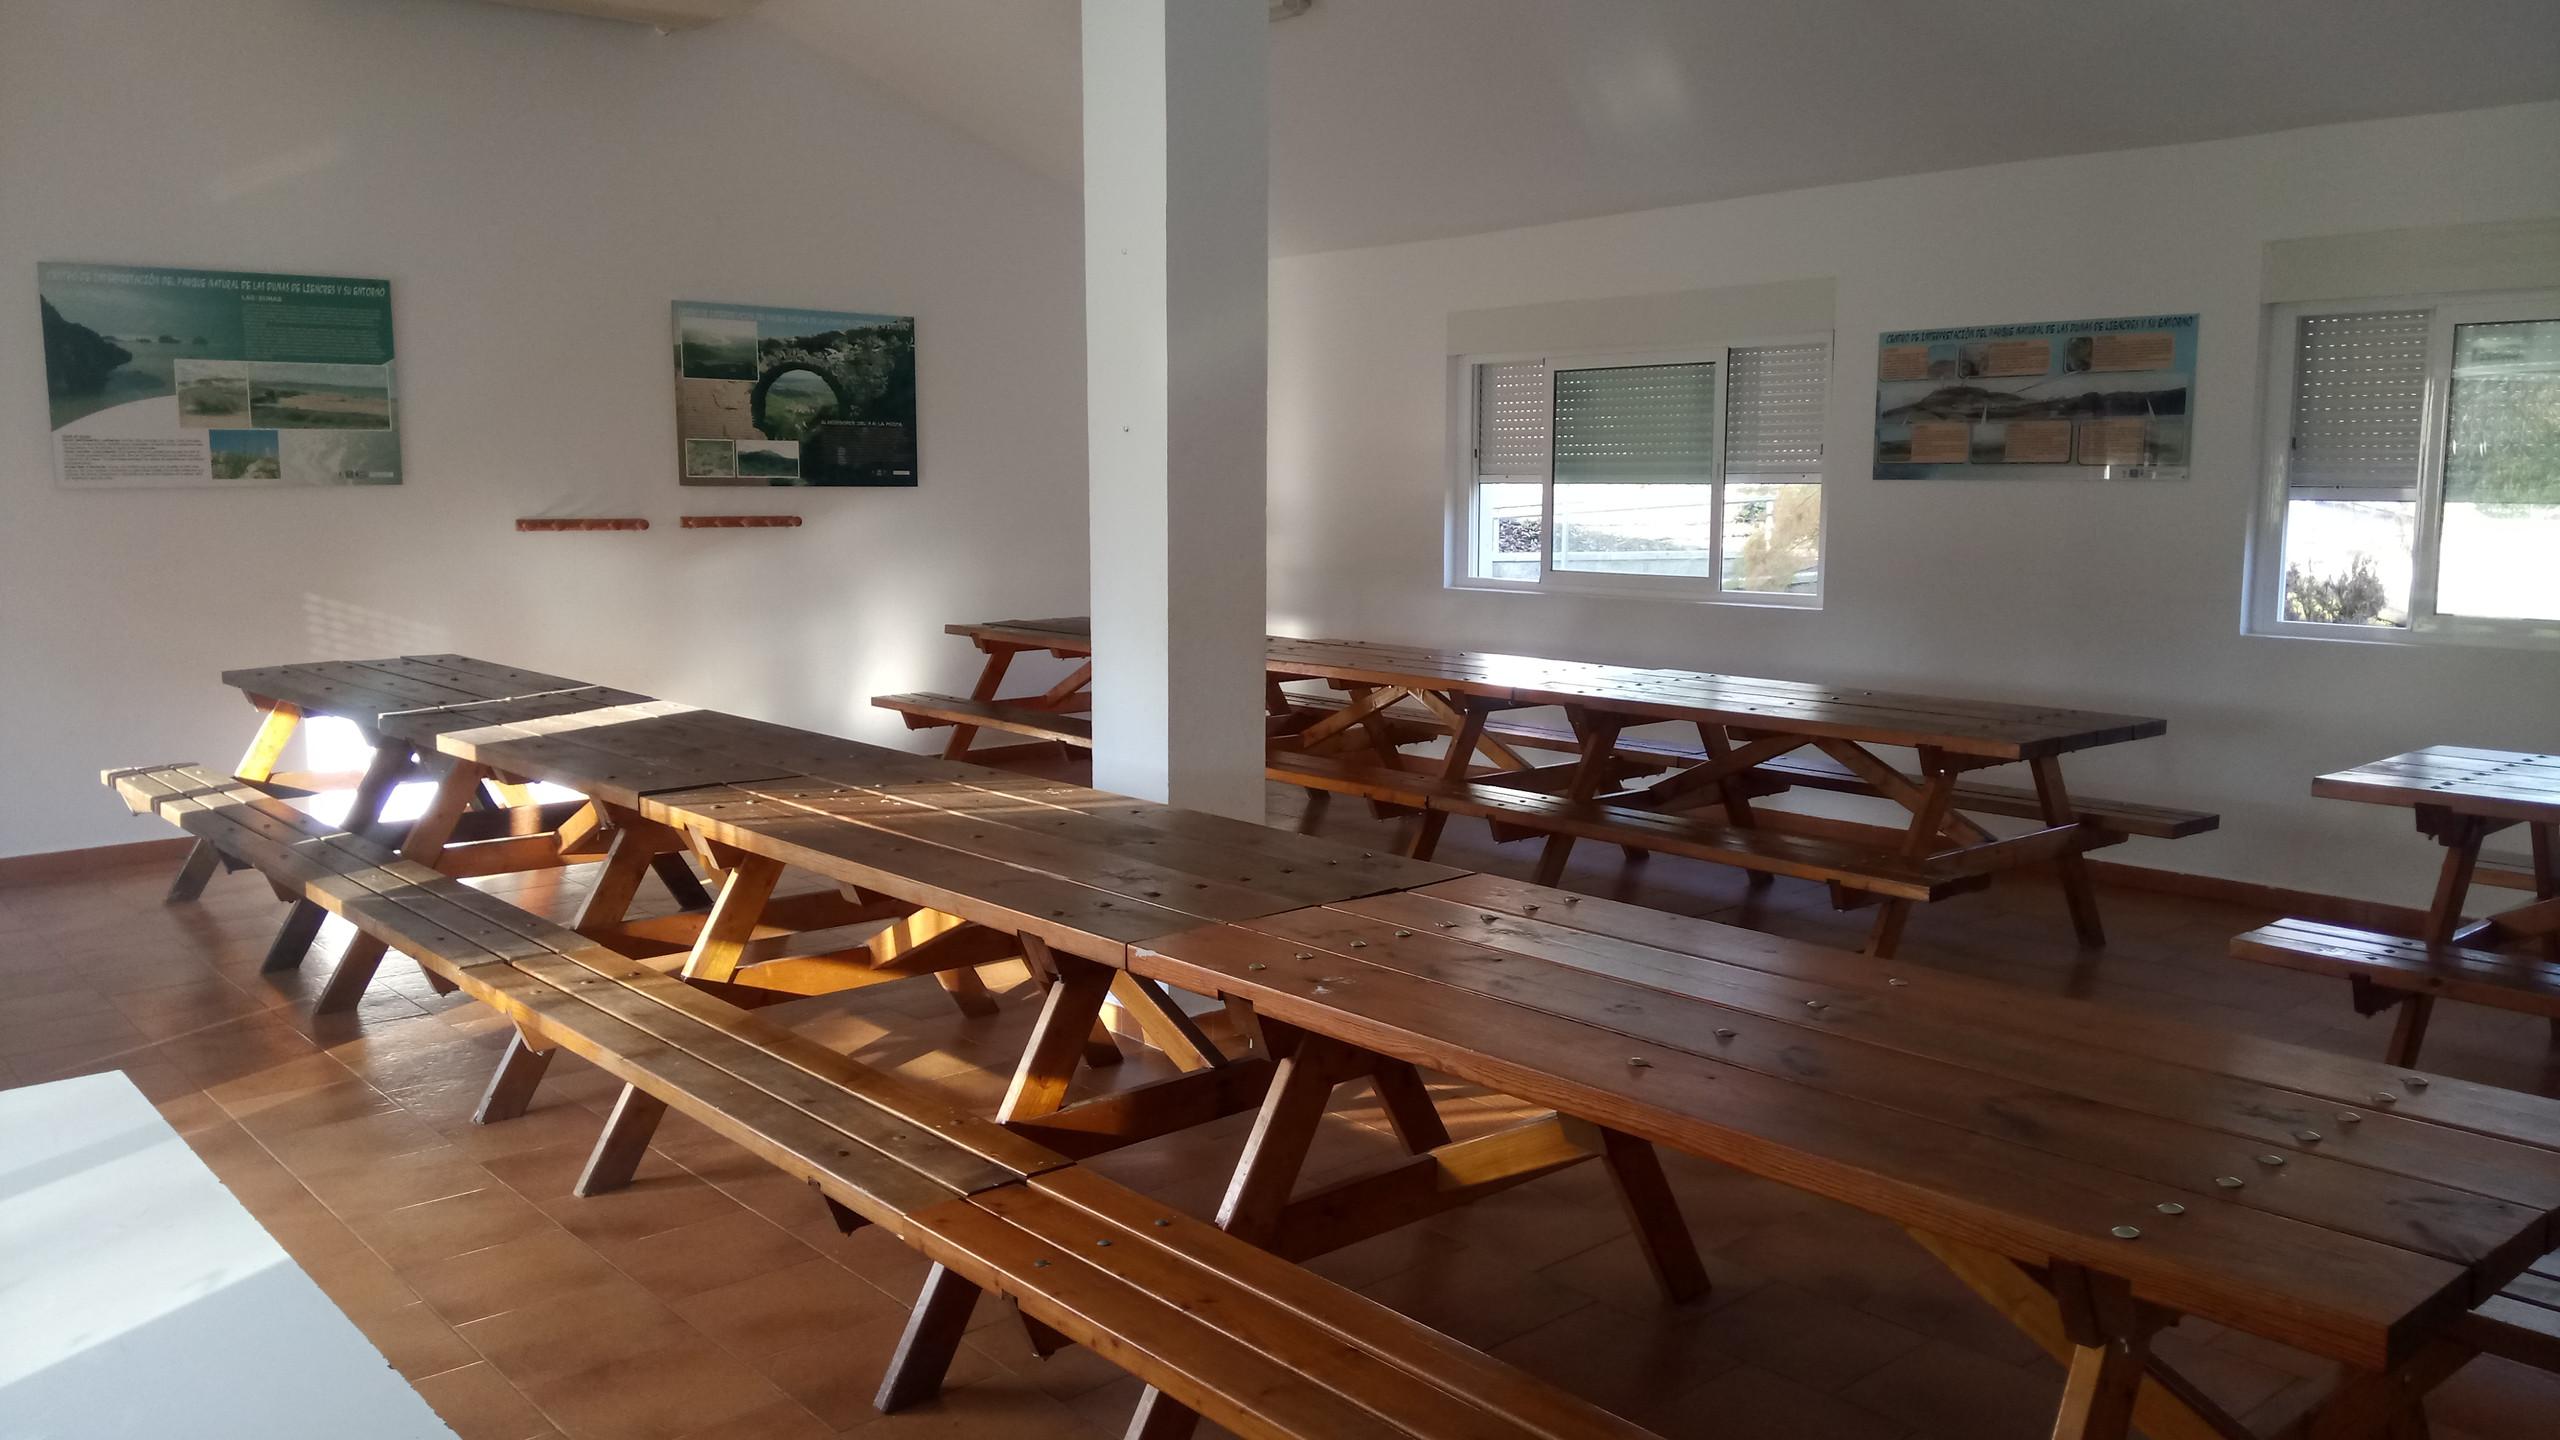 Albergue municipal Boo de Piélagos